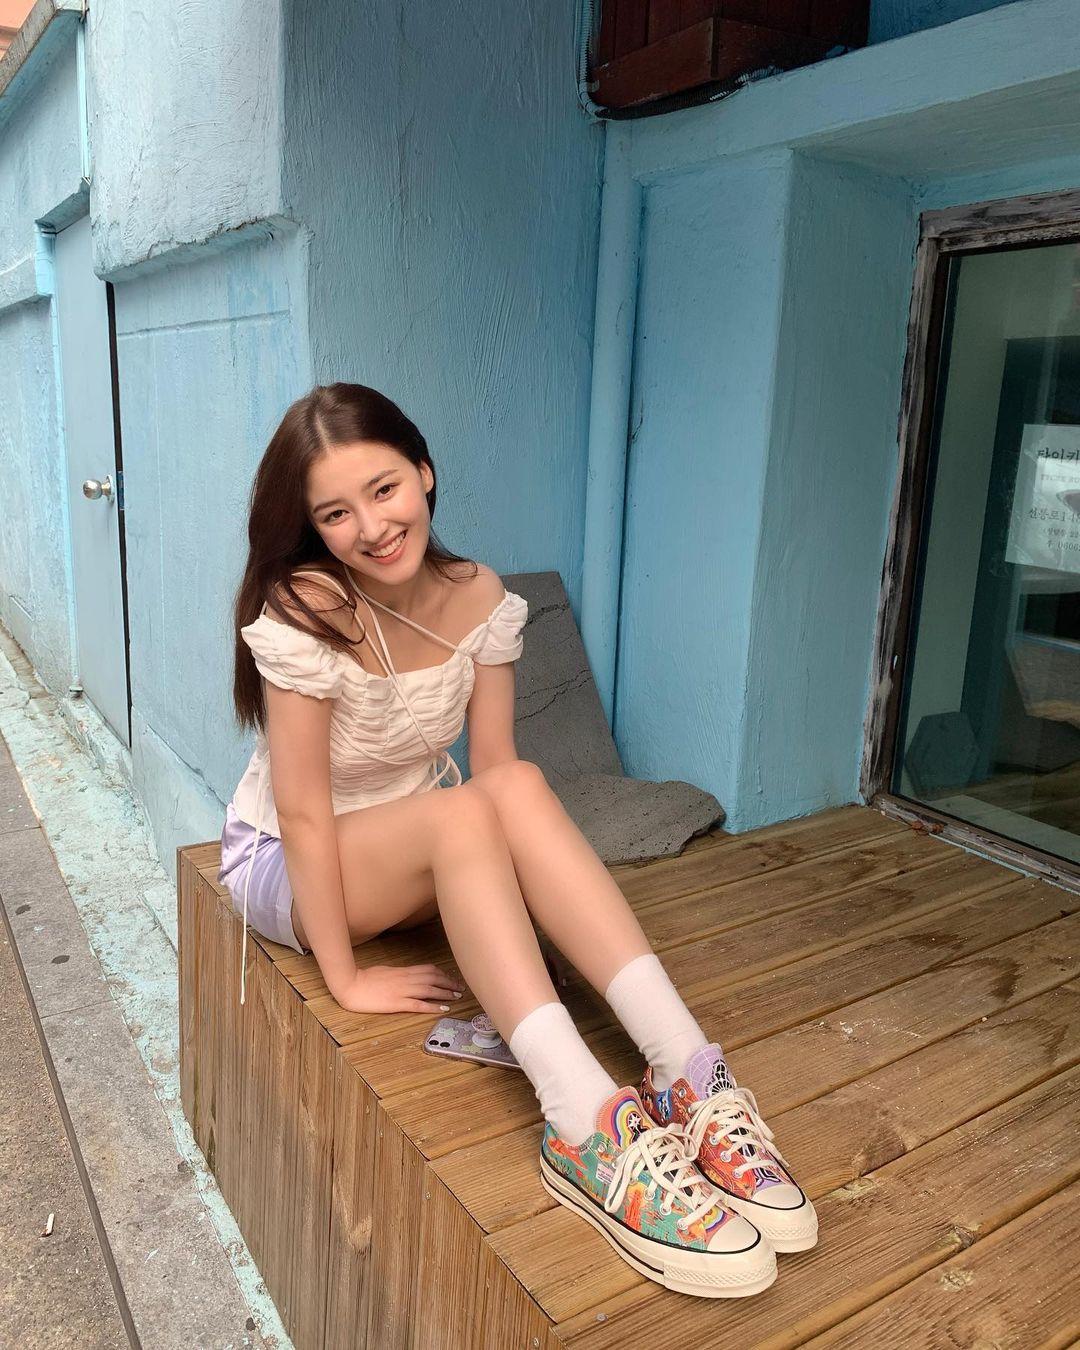 Không chỉ mê tít đồ pastel khi lên sân khấu, ở đời thường, nữ idol cũng chuộng sử dụng các gam nhẹ nhàng, xinh yêu như hồng, xanh, tím.